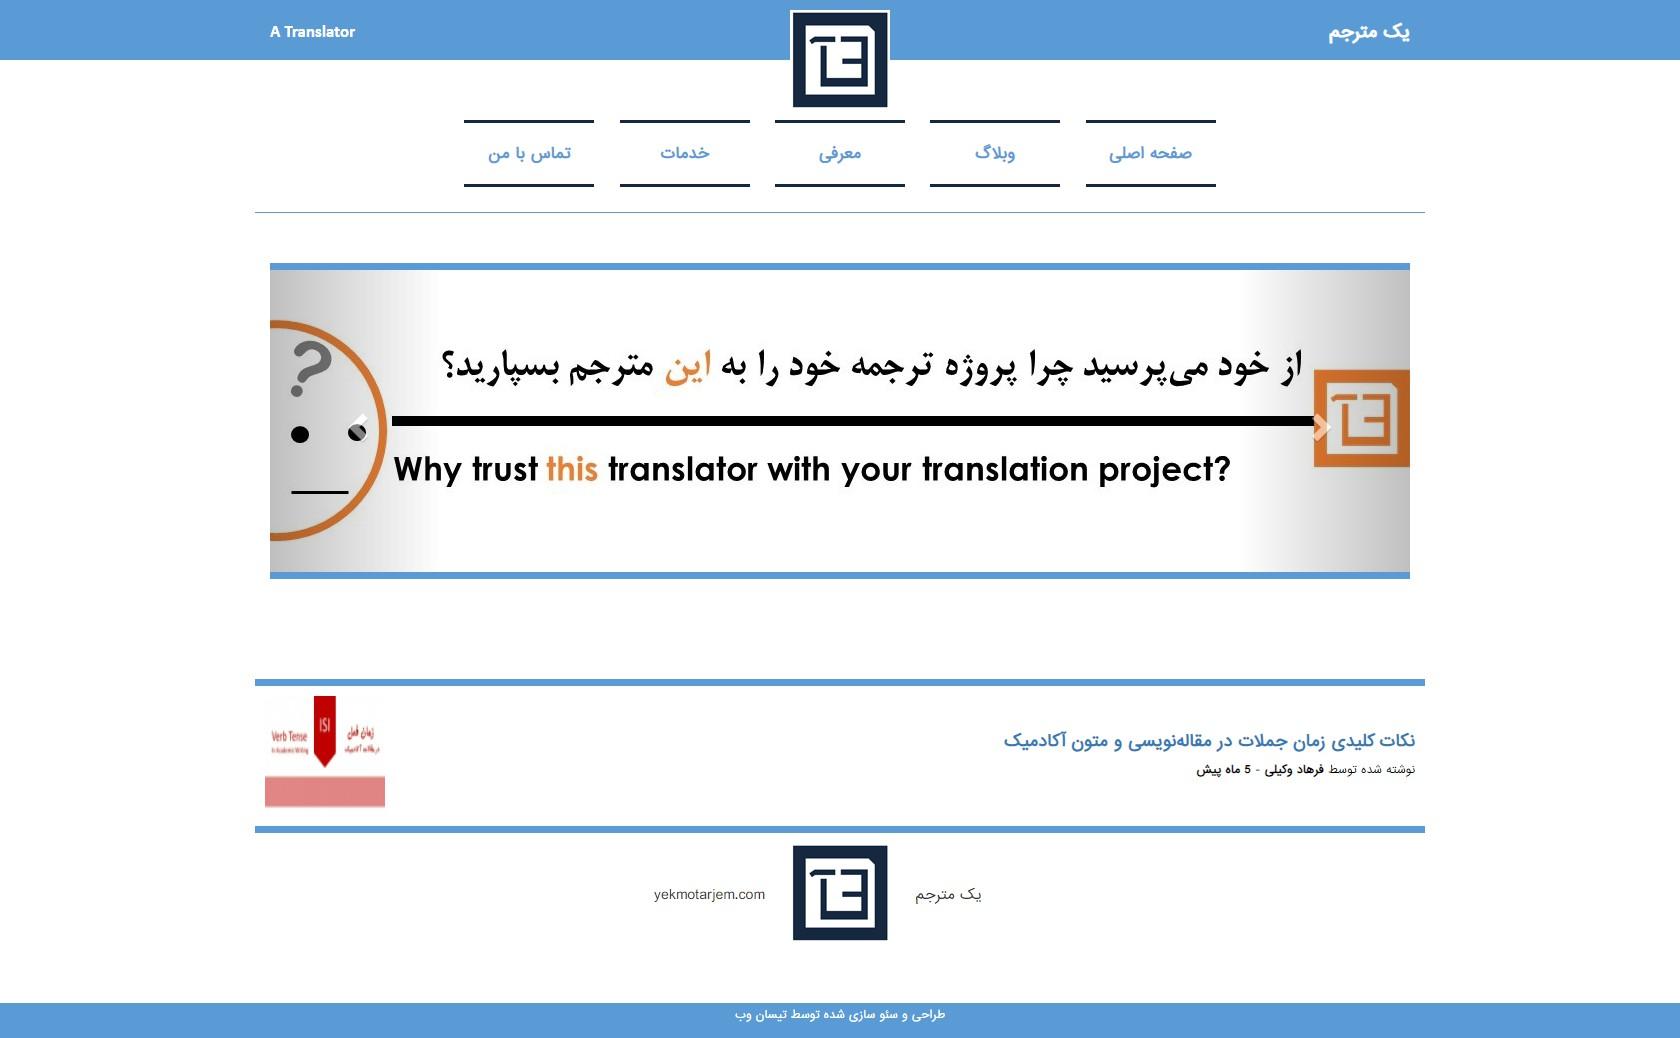 یک مترجم